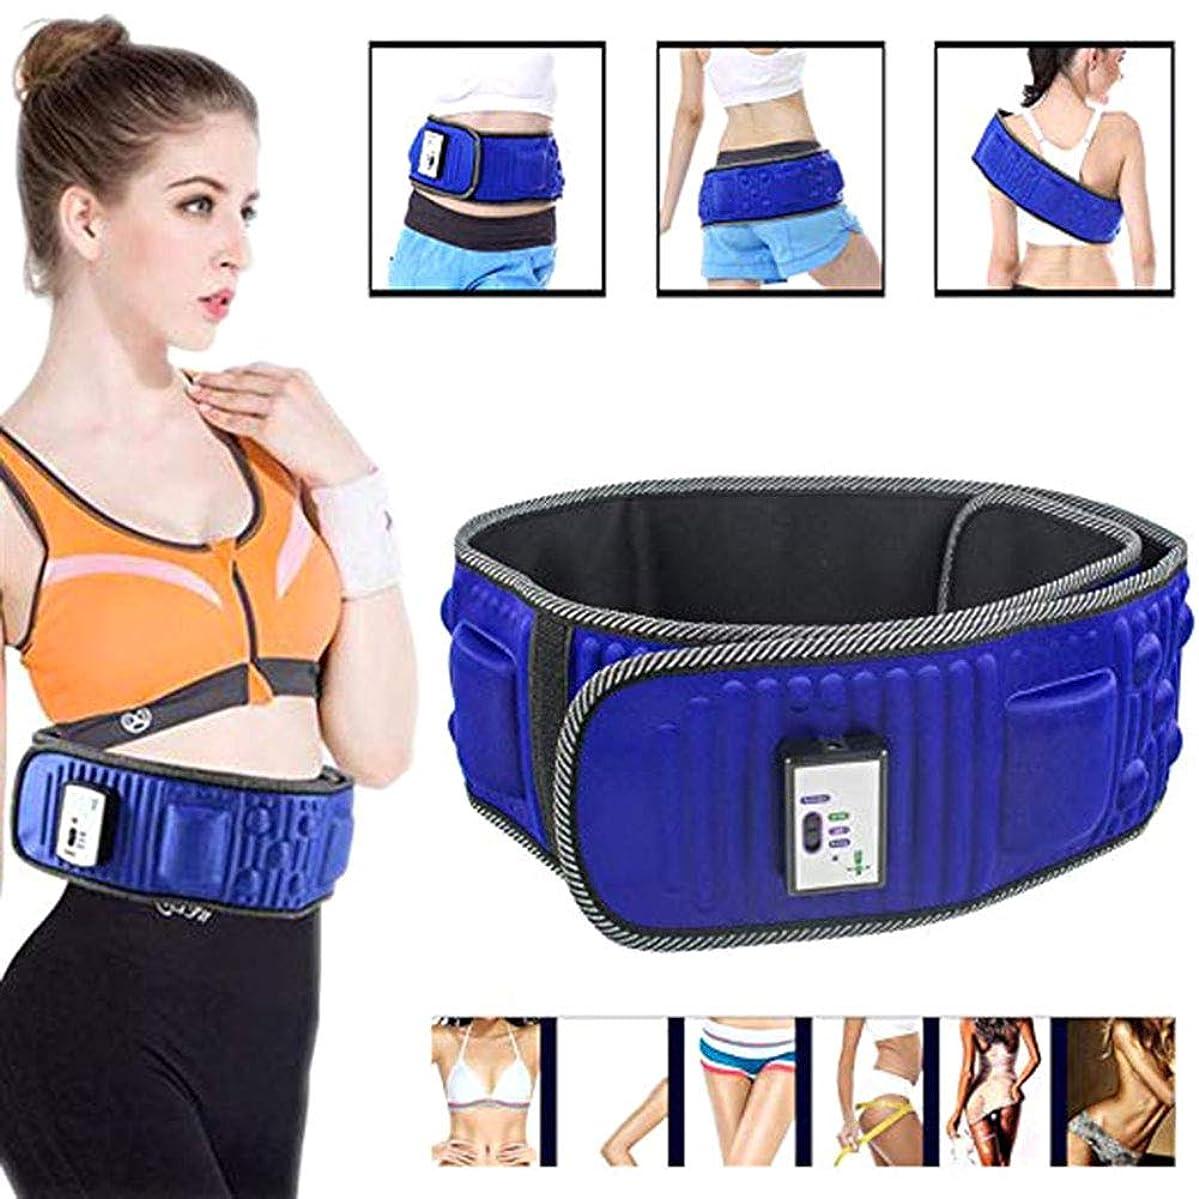 電気の 振動 スリミング ベルト、 減量 磁石 ベルト マッサージ 腰 スリミングベルト、 エクササイズウエスト バック 臀部 武器 足 太もも 肩 腹 脂肪 燃焼 加熱